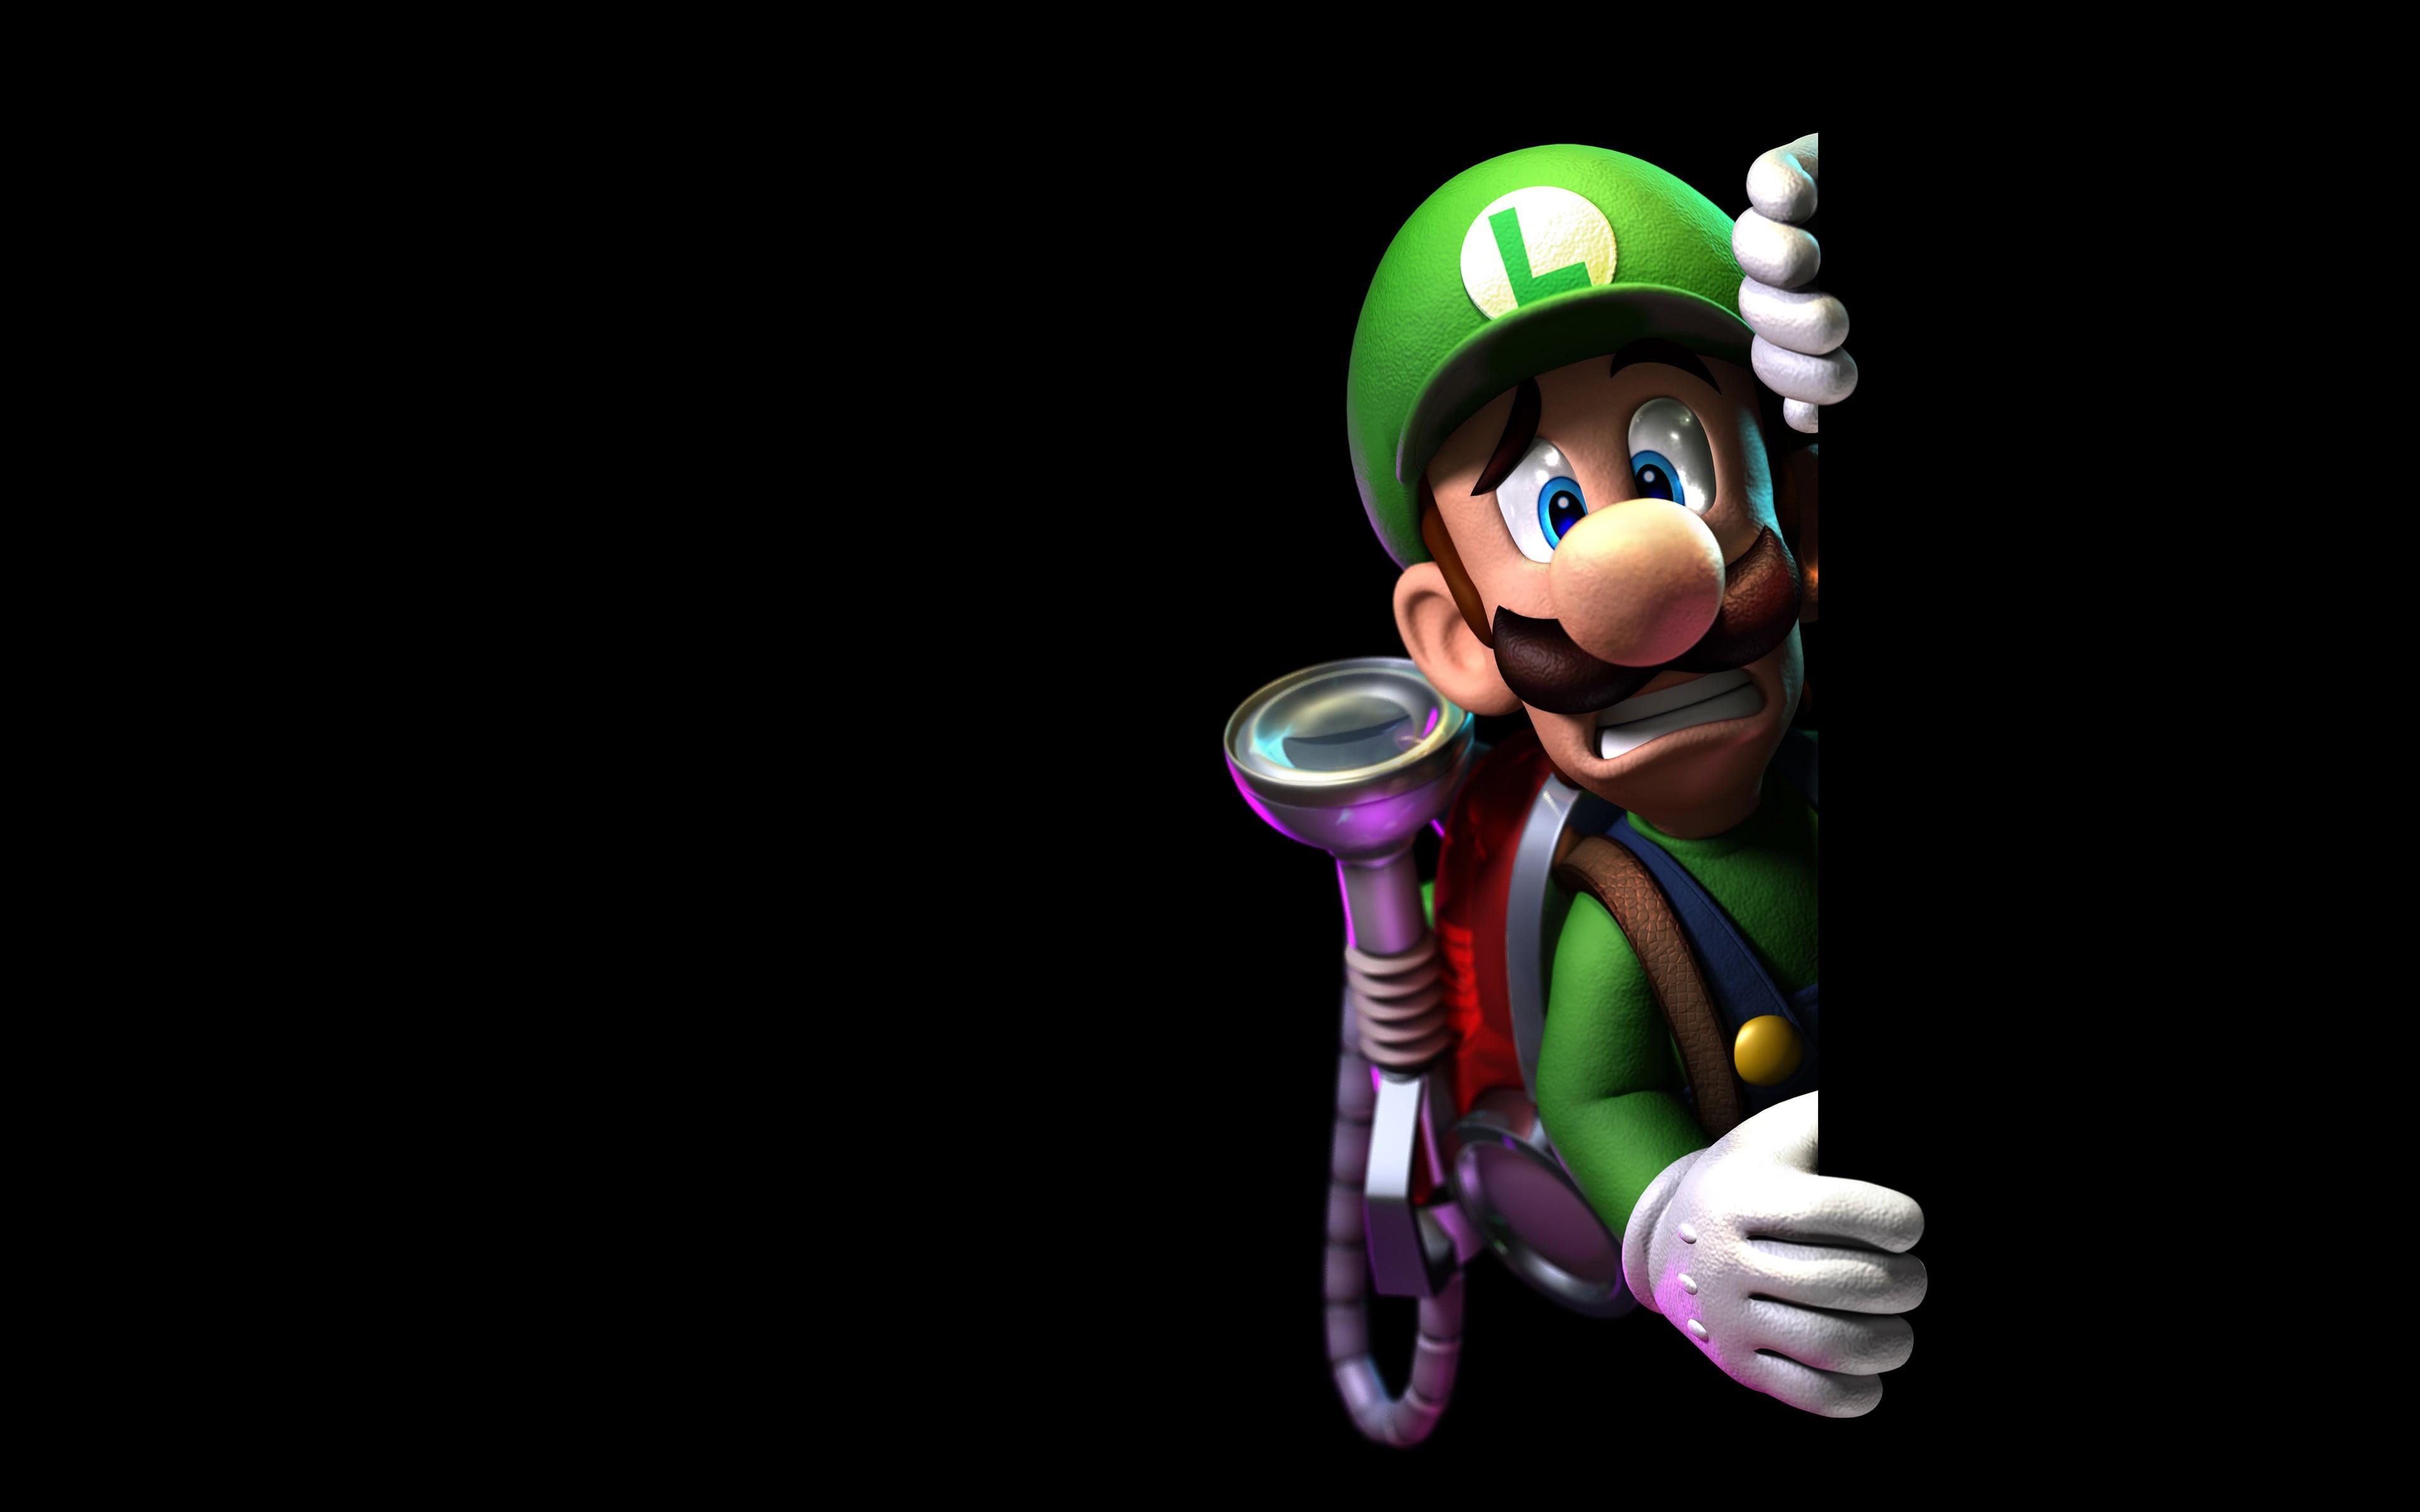 Iphone Se Wallpaper 4k Luigi Of Super Mario Illustration Hd Wallpaper Wallpaper